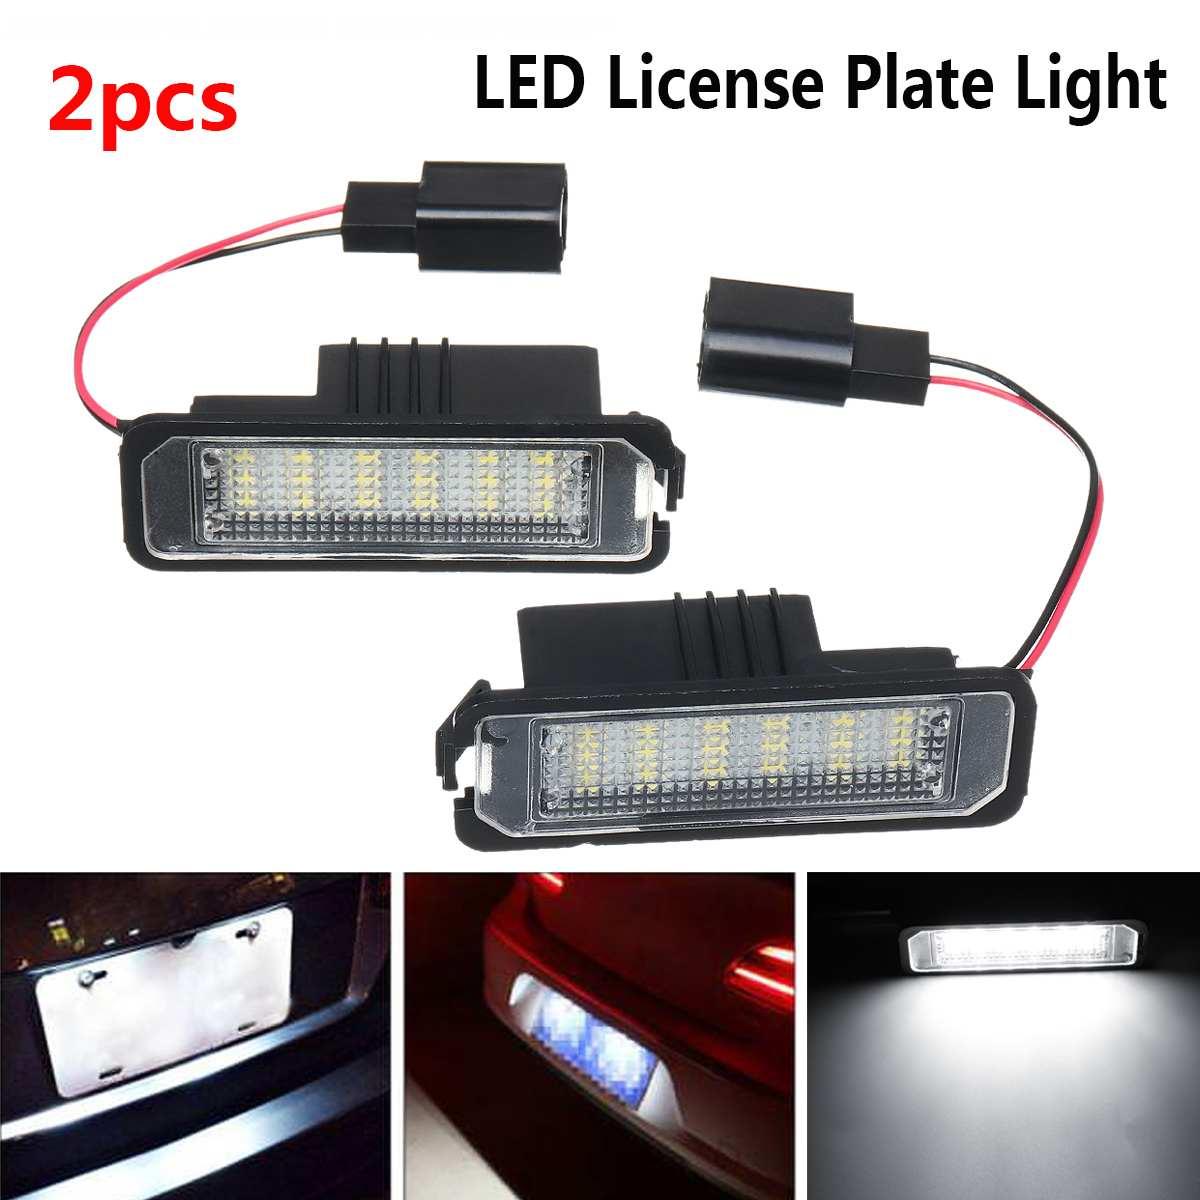 2Pcs 12V 5W Numero LED Luce Della Targa Lampade per VW GOLF 4 6 Polo 9N per passat Auto Luci Della Targa di immatricolazione Esterno di Accesso